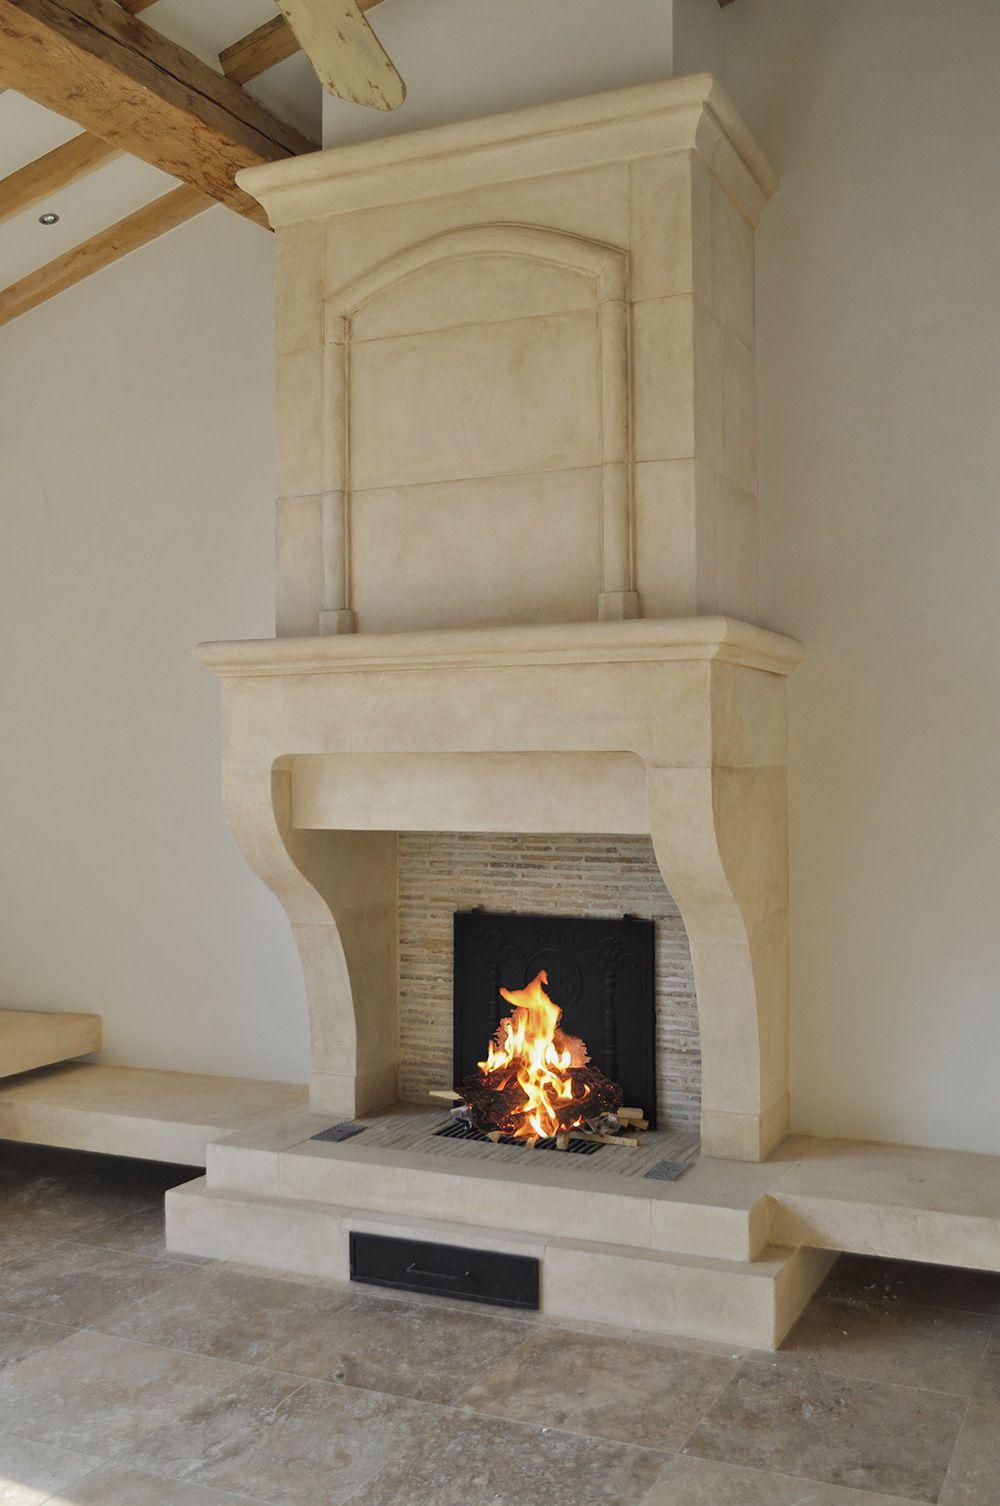 Foyer Les Lavandines Salon De Provence : Épinglé sur cheminées provence mesure